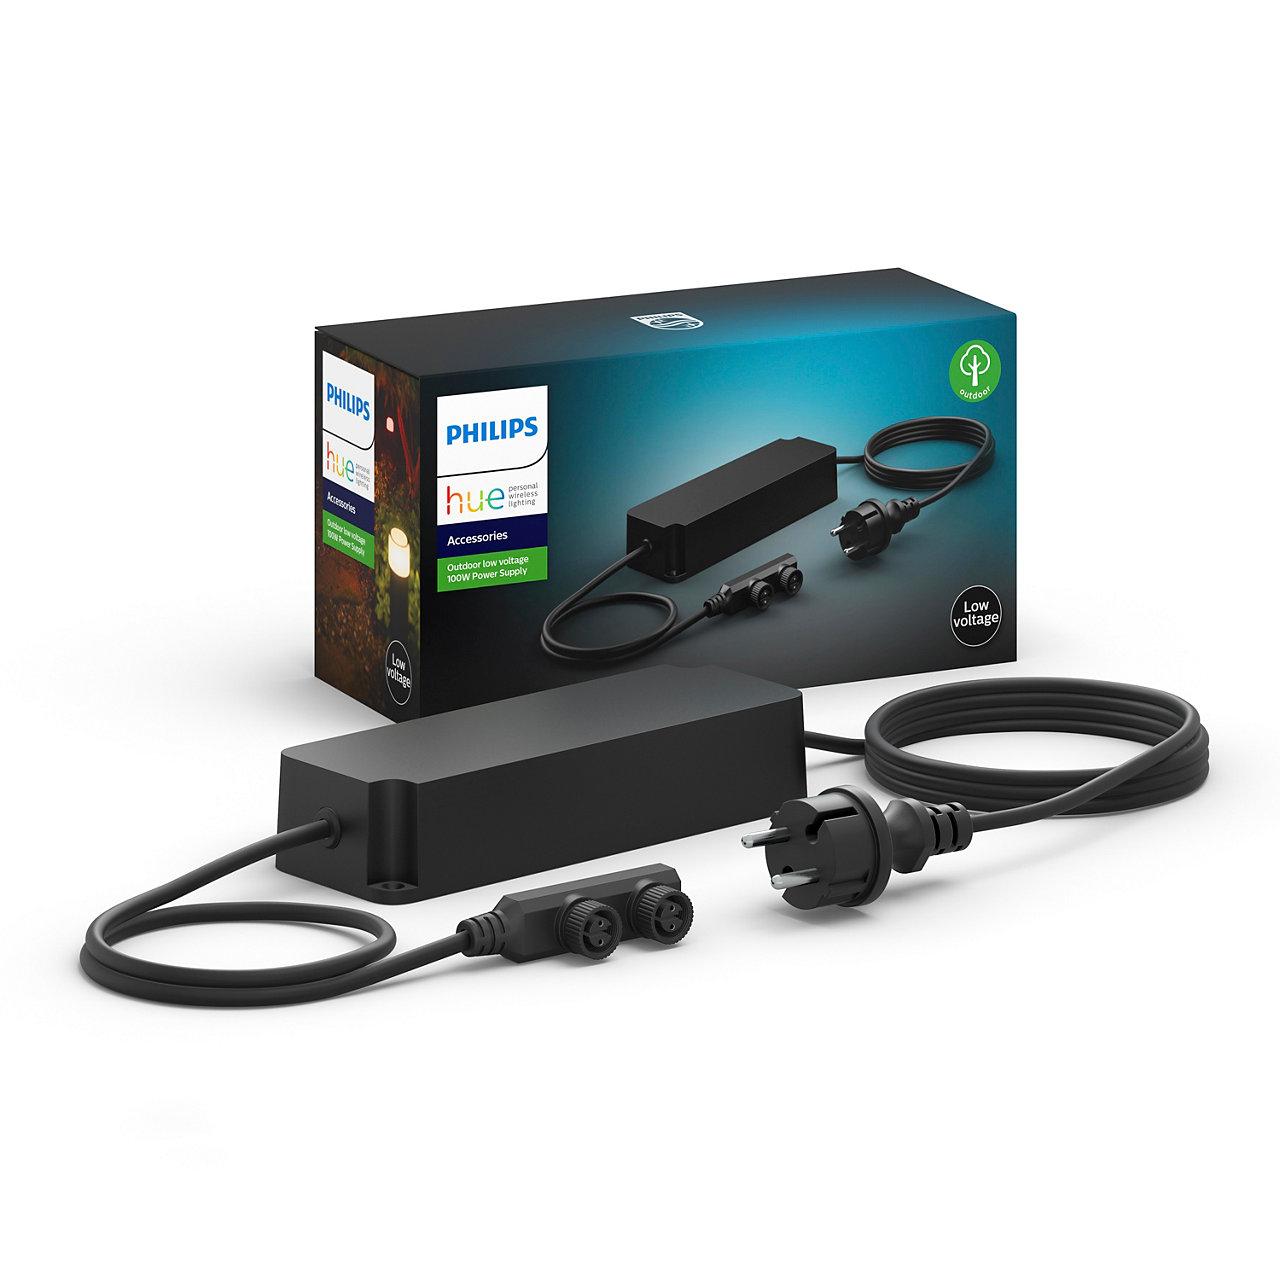 [CB] Hue Outdoor Netzteil 100 Watt - verfügbar + vsk-frei